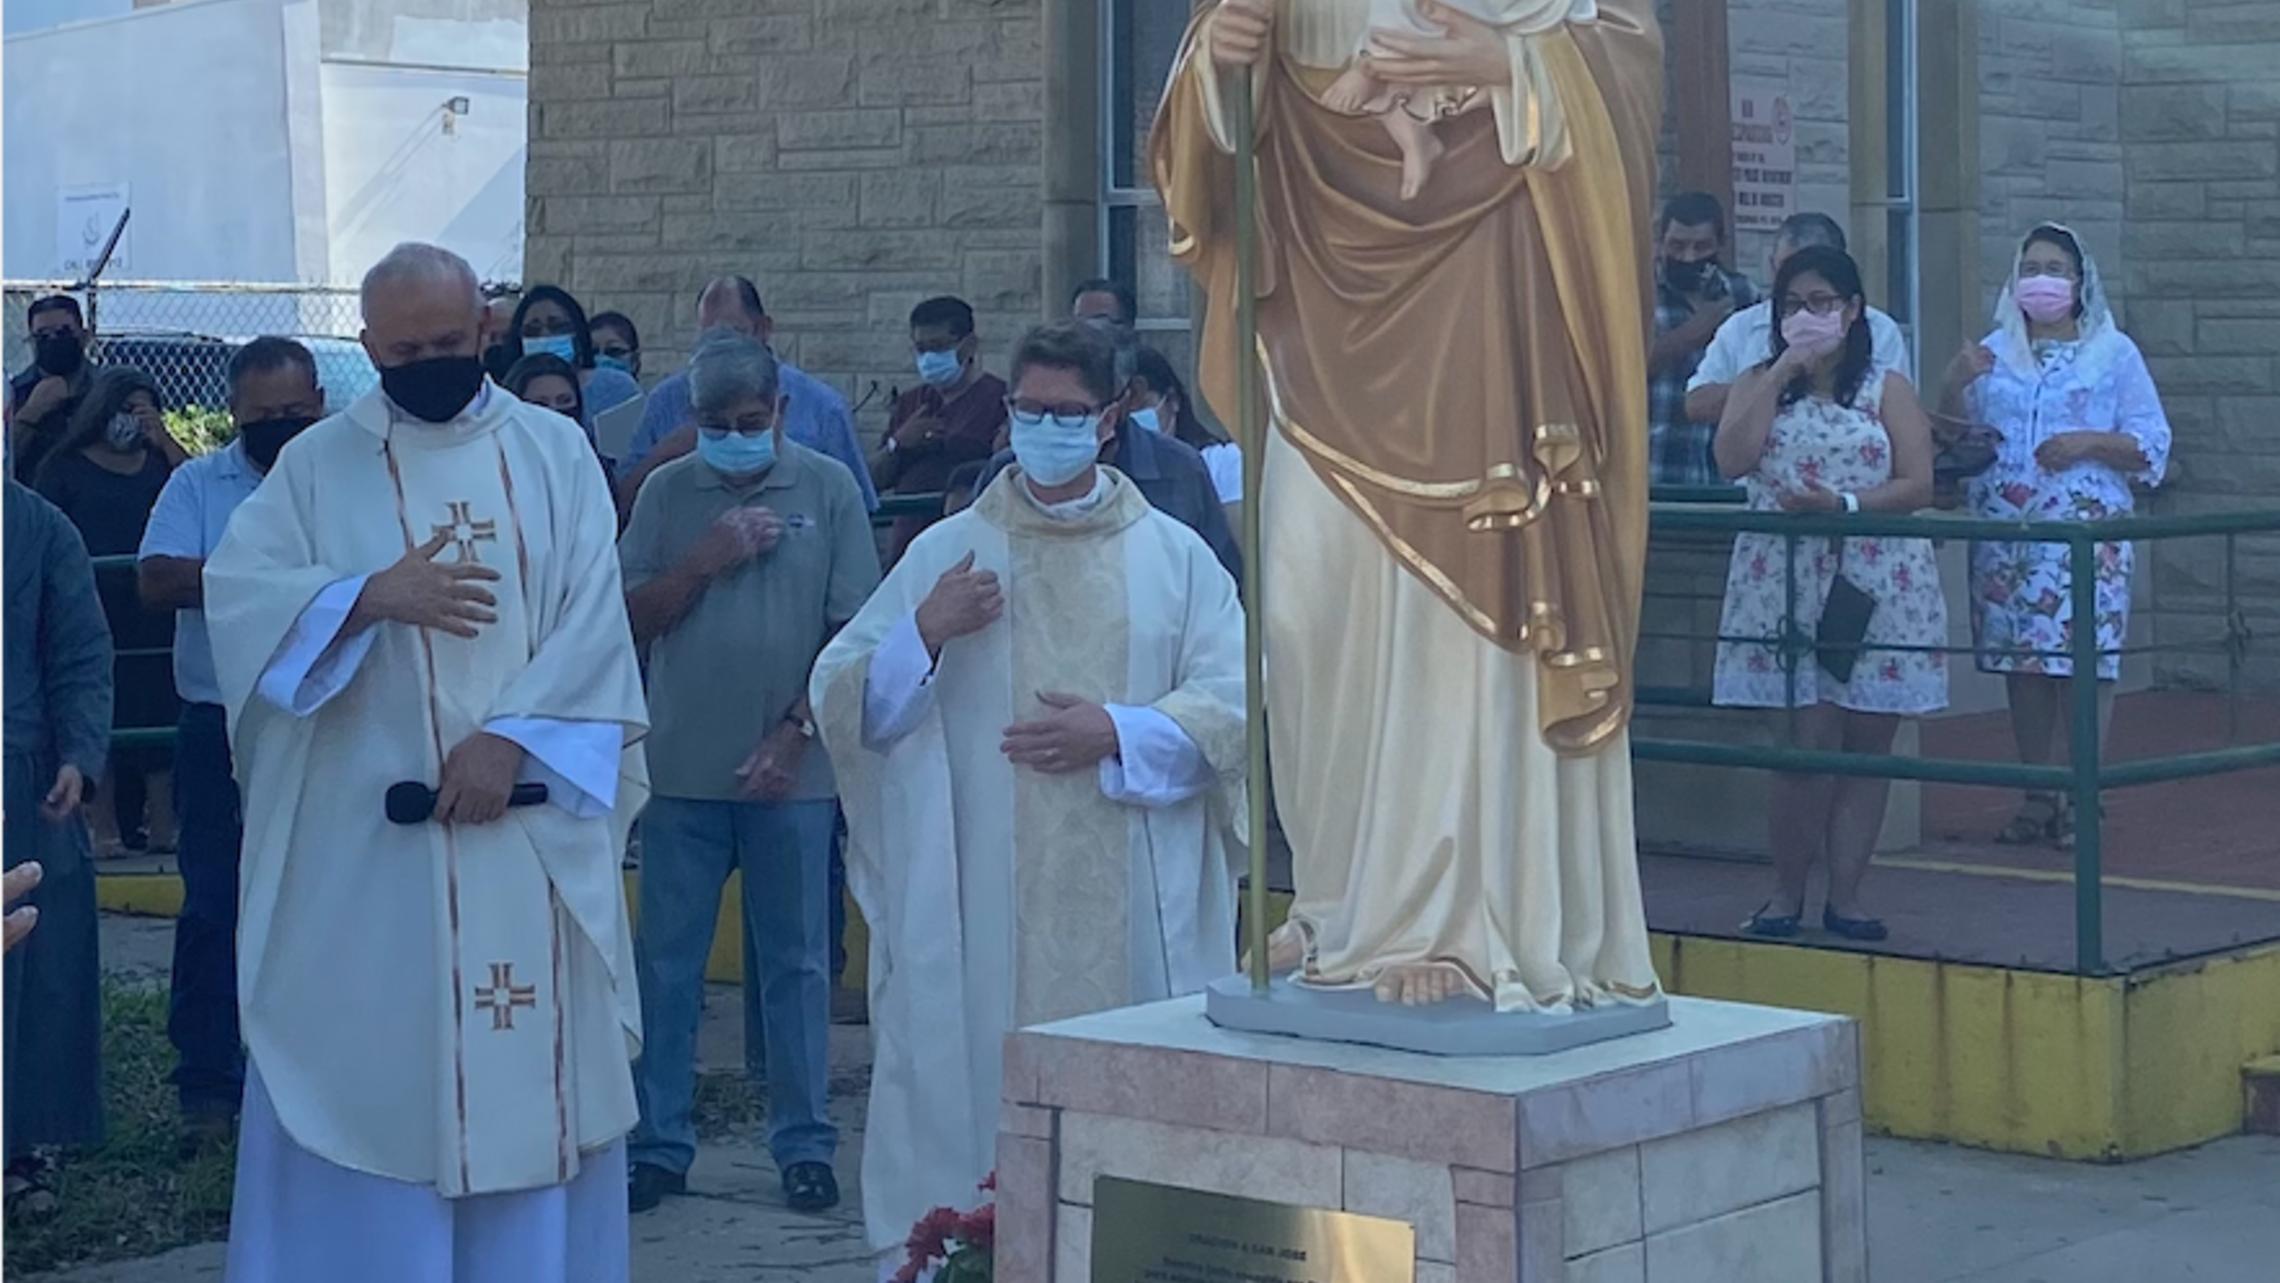 Fr. Juan